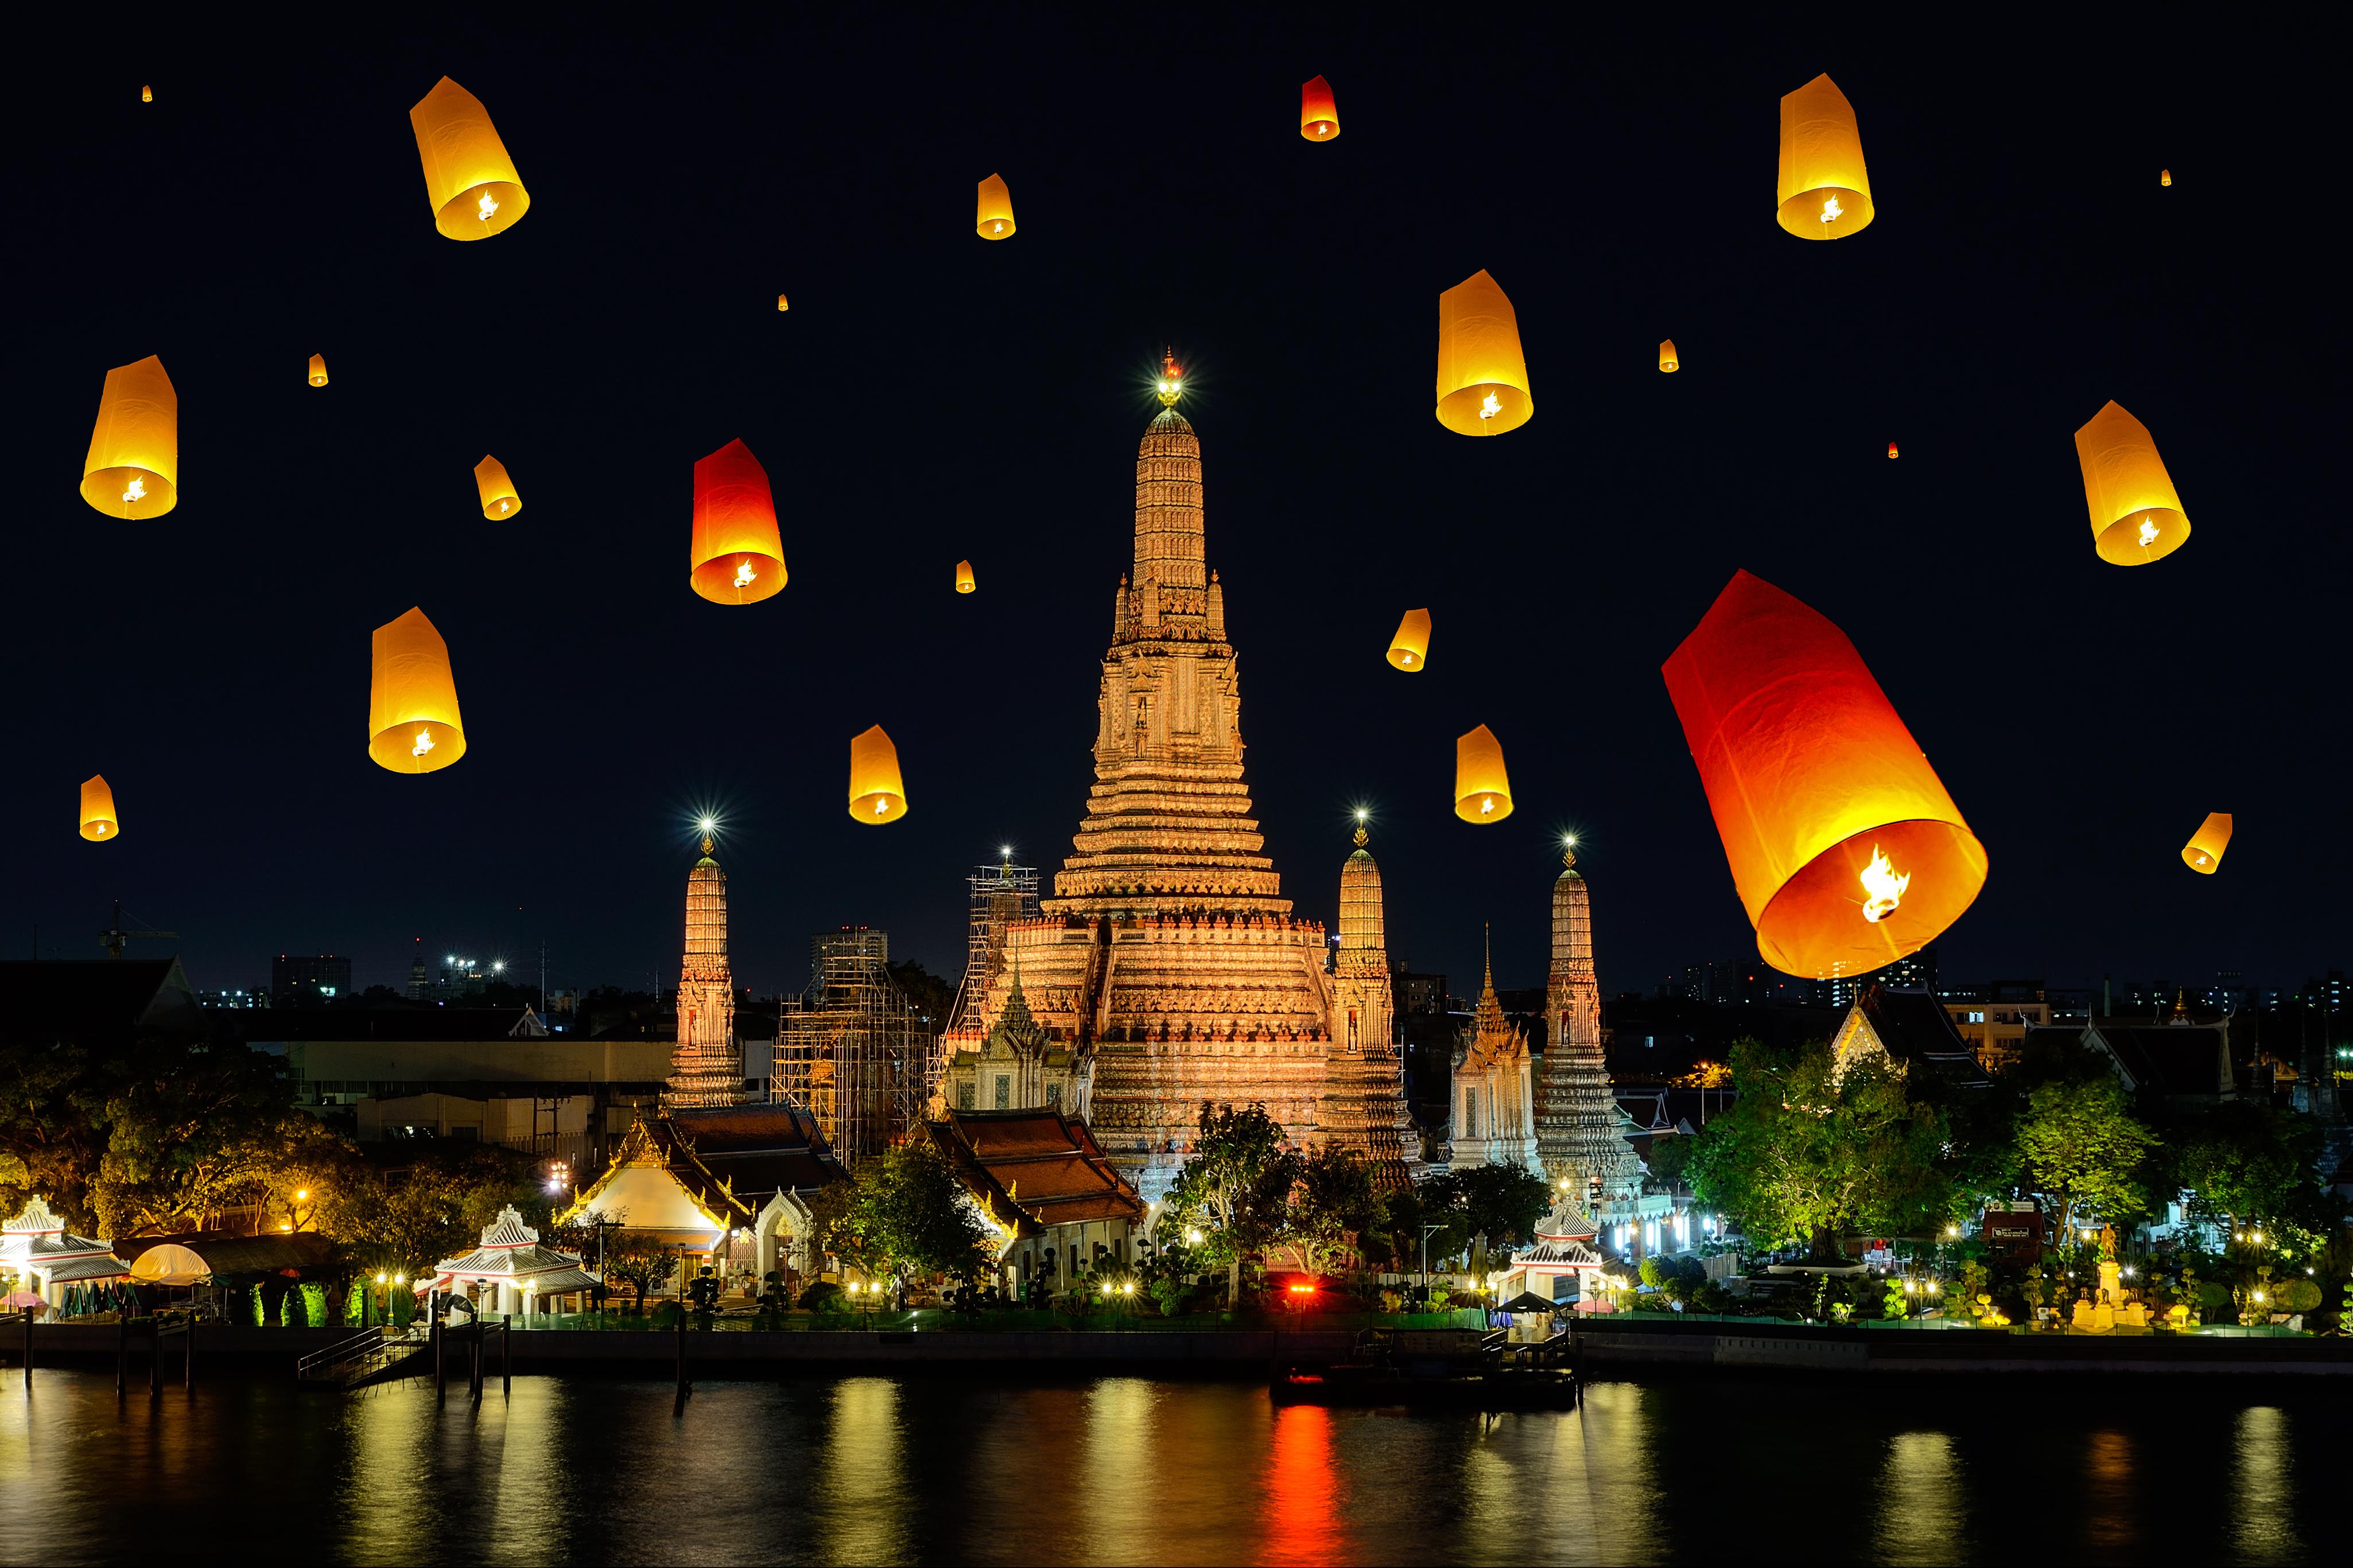 Фестиваль Лои Кратонг в Бангкоке